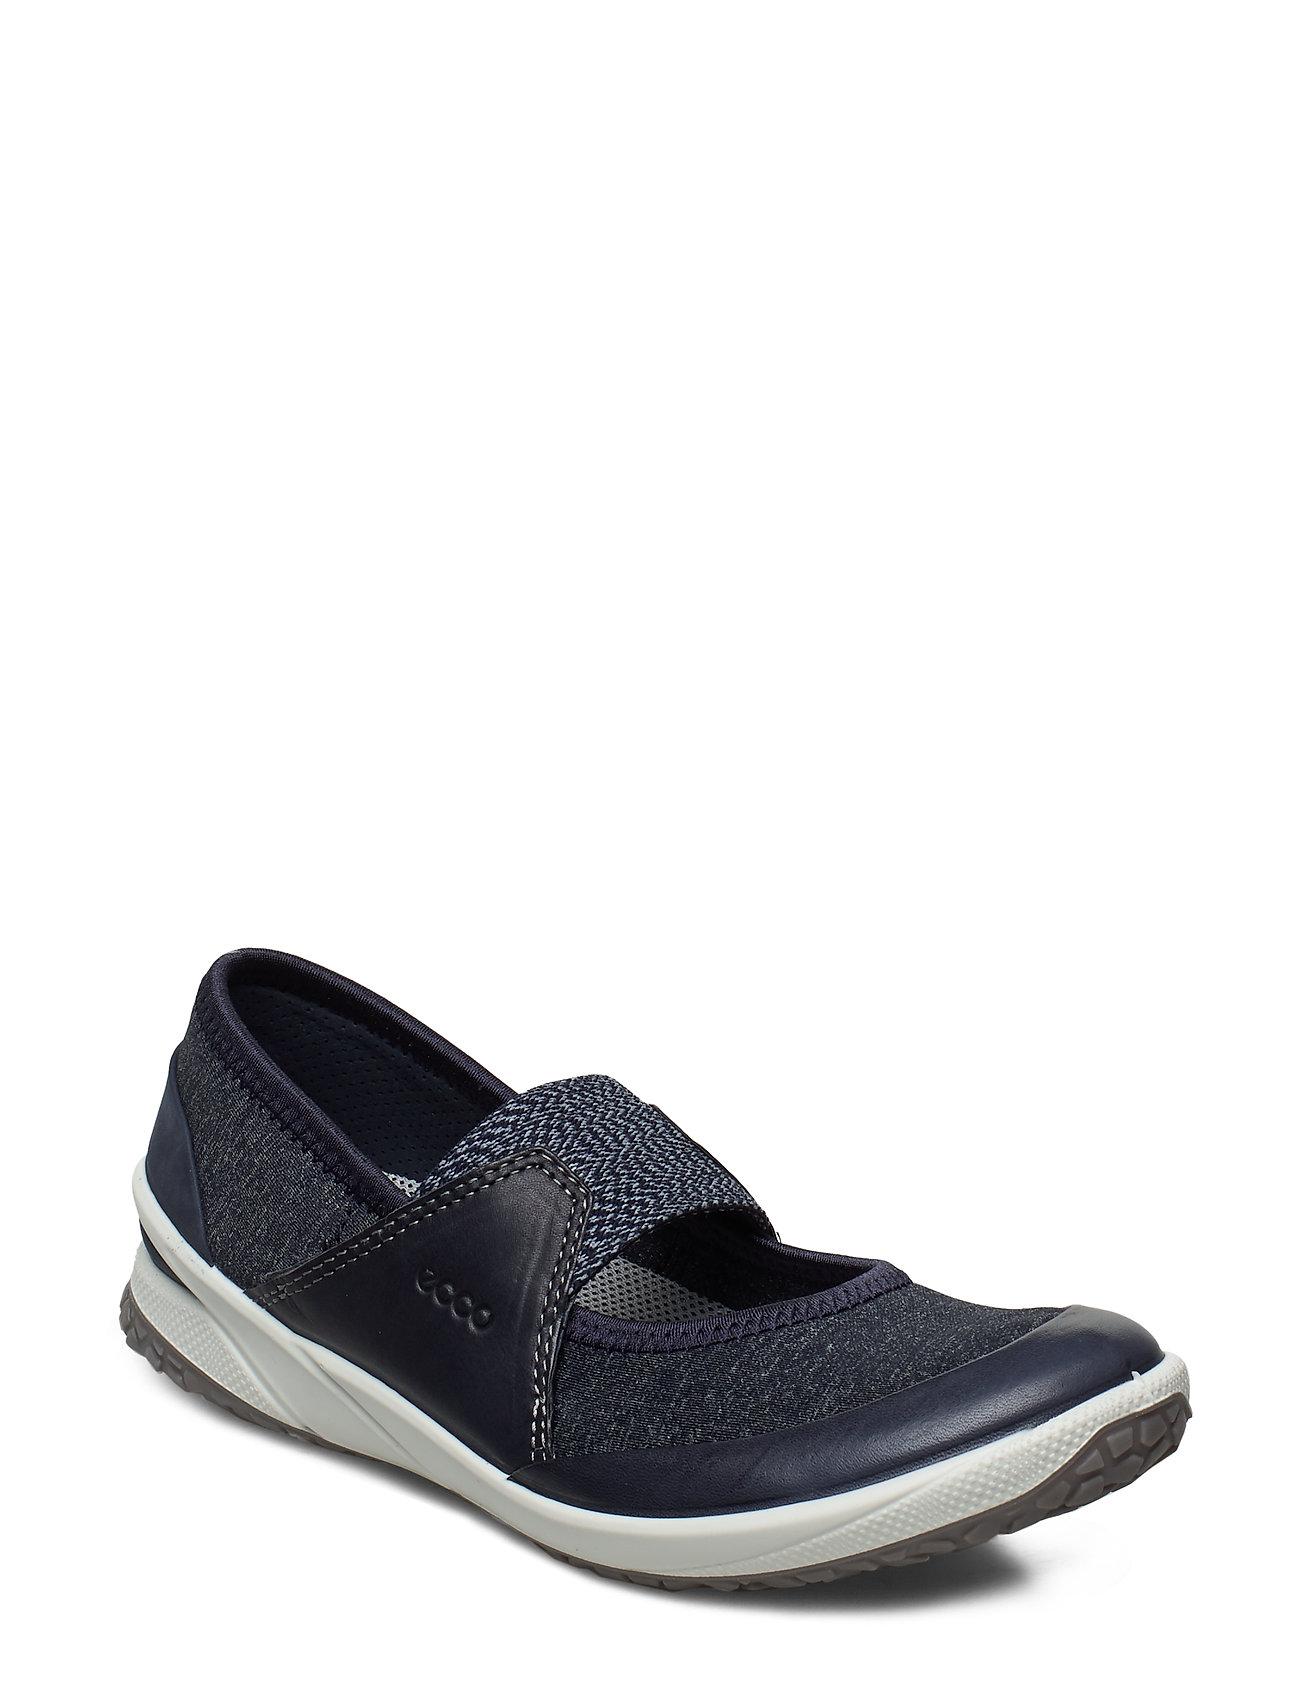 Image of Biom Life Sneakers Blå ECCO (3349211463)